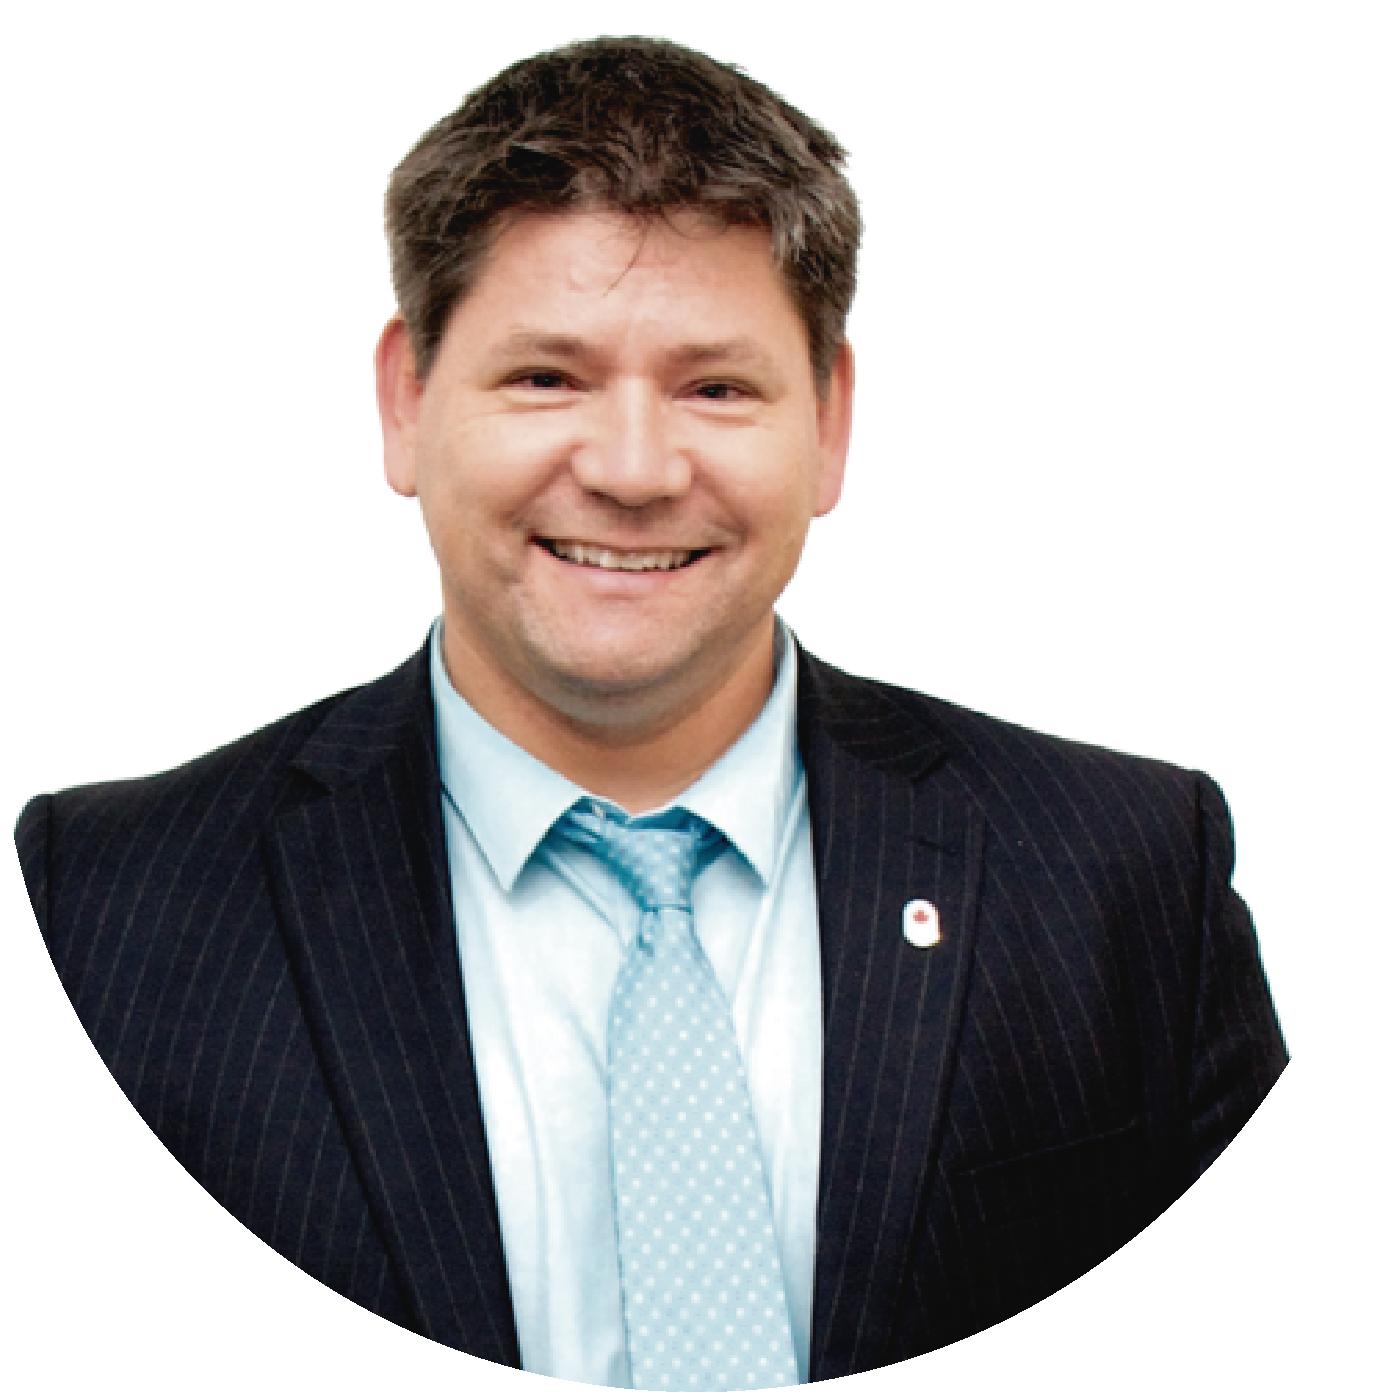 Doug Bolger - Canadá - Fundador y Director General de Learn2, busca cambiar la forma en que se aprende en el mundo. Doug cree que cada equipo puede alcanzar resultados inspiradores a través del aprendizaje.